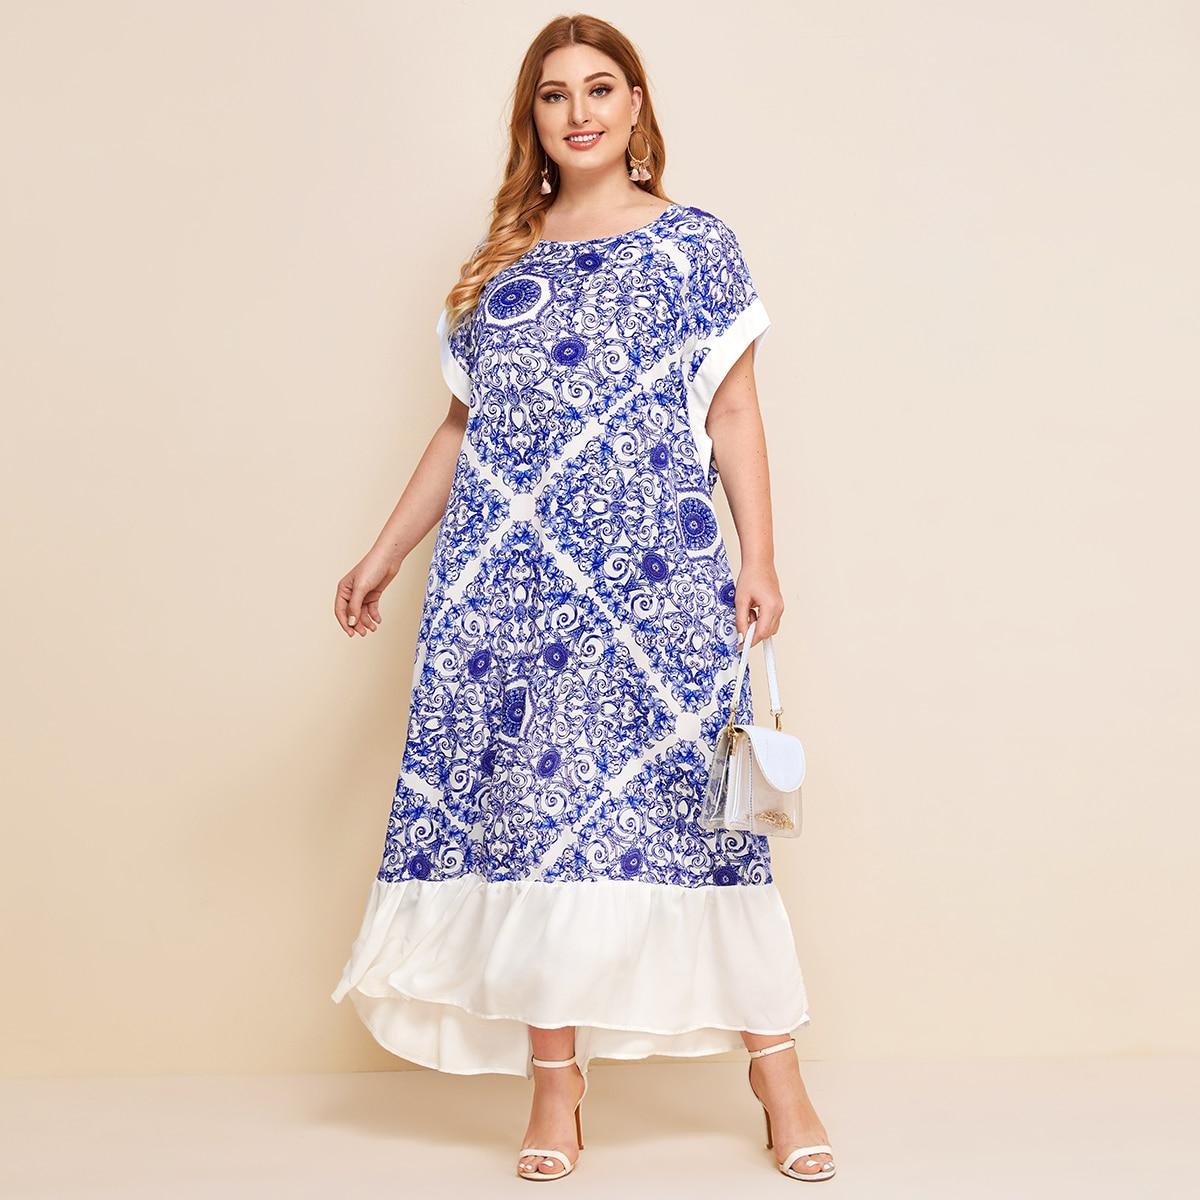 SHEIN / Große Größen - Kleid mit Fledermausärmeln, Raffungsaum und Barock Muster